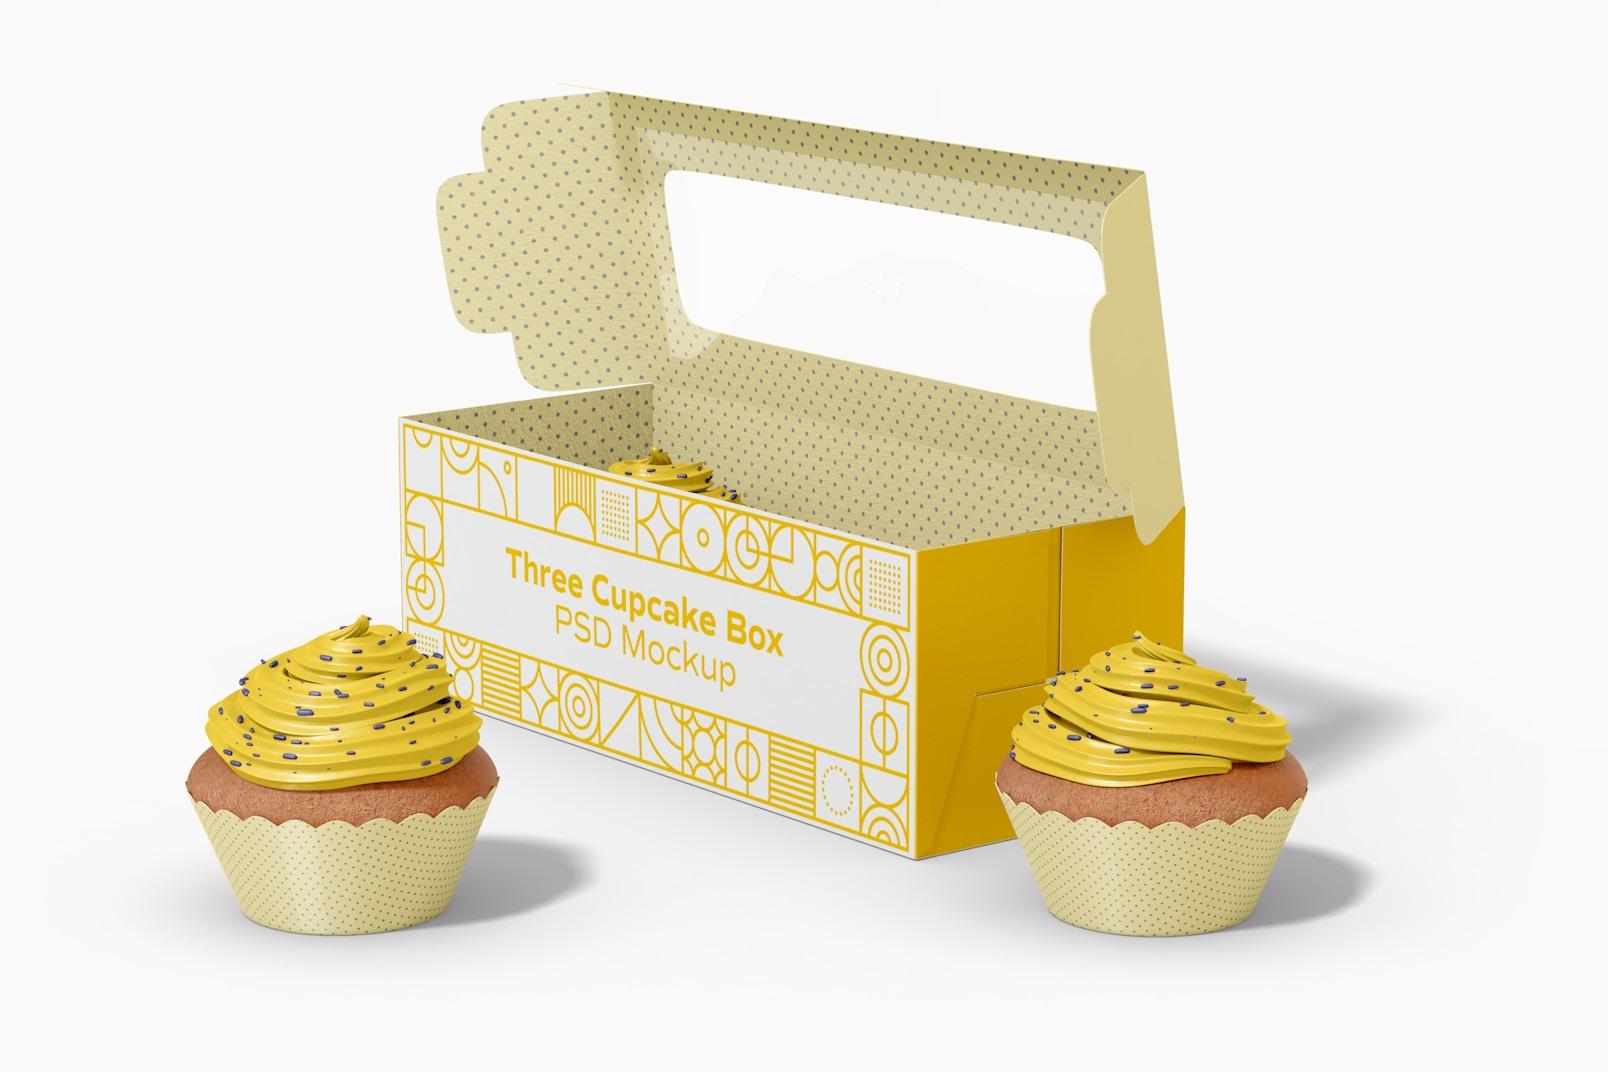 Three Cupcake Box Mockup, Right View